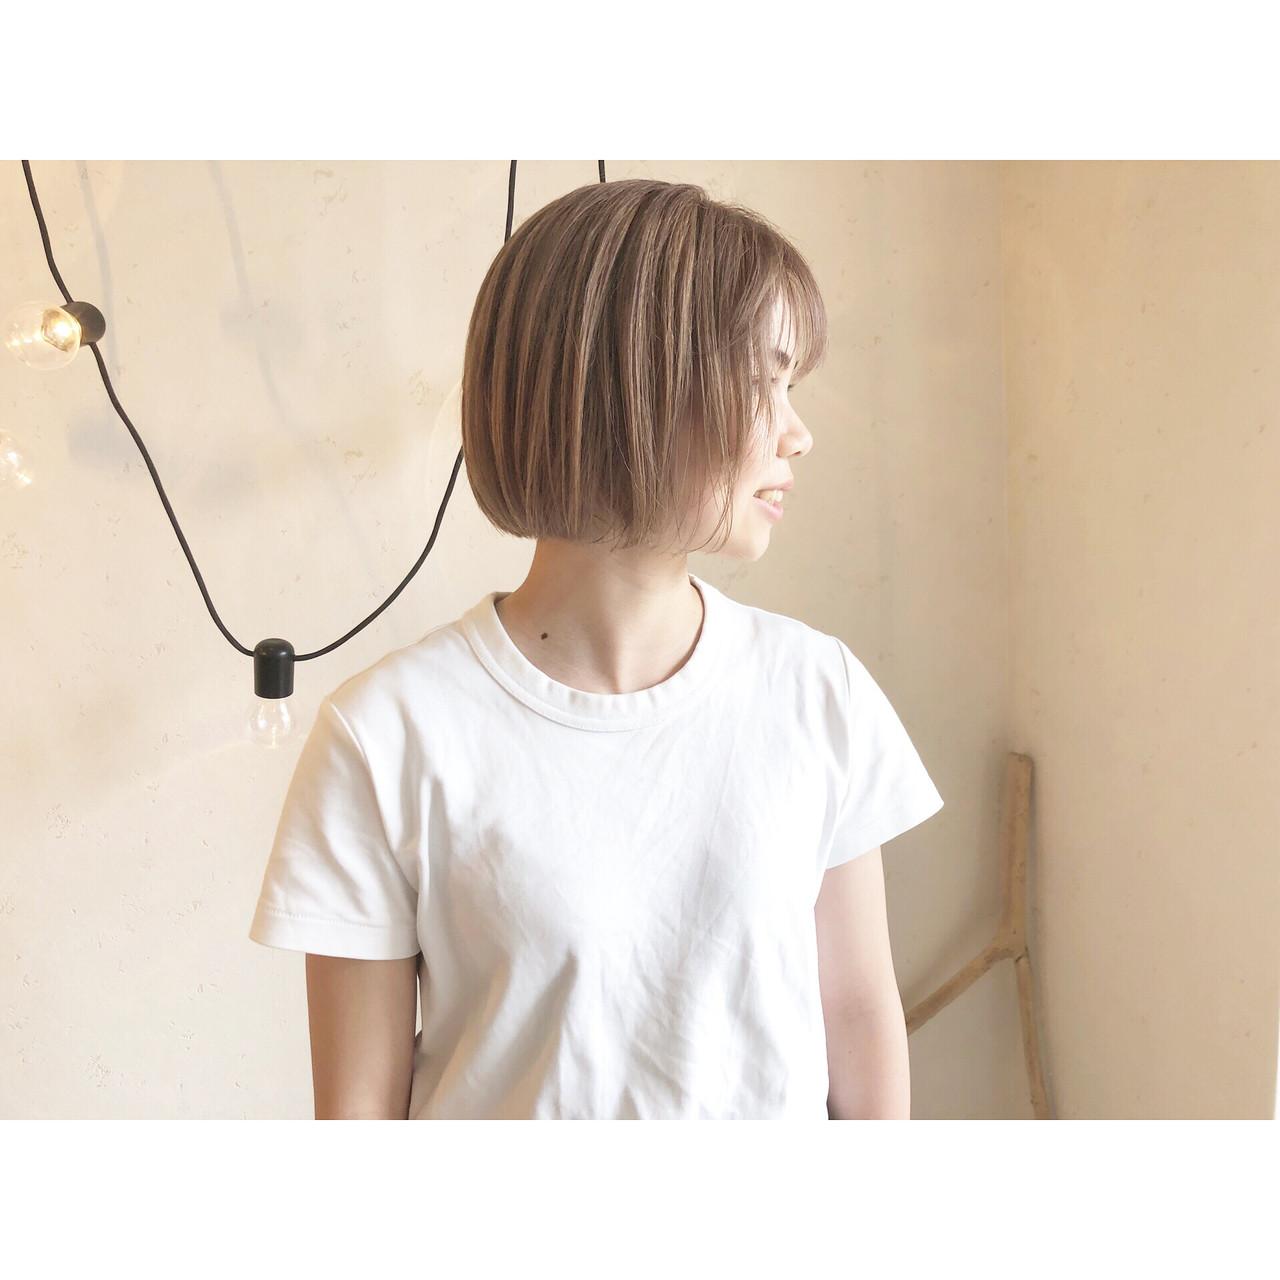 ミルクティーブラウン ショート ミニボブ ナチュラル ヘアスタイルや髪型の写真・画像 | 森下佳哲 / lufun hair design